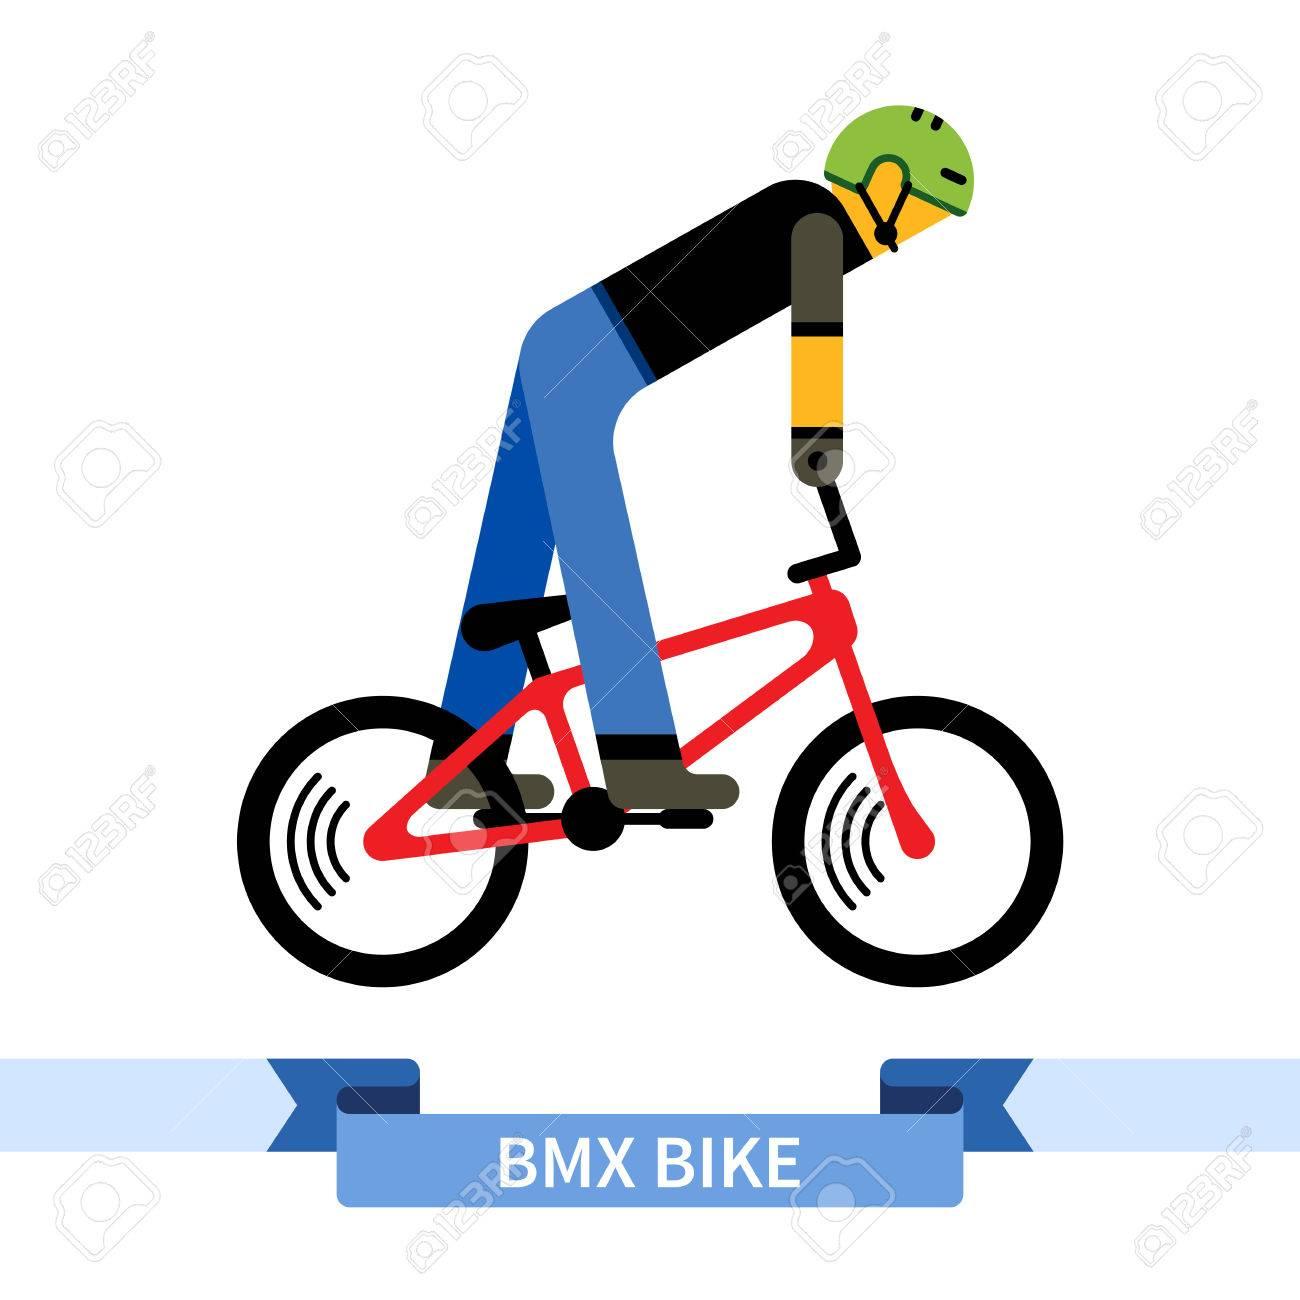 Cycliste Sur Bmx Velo Dessin De Clipart Simple Vue De Cote De